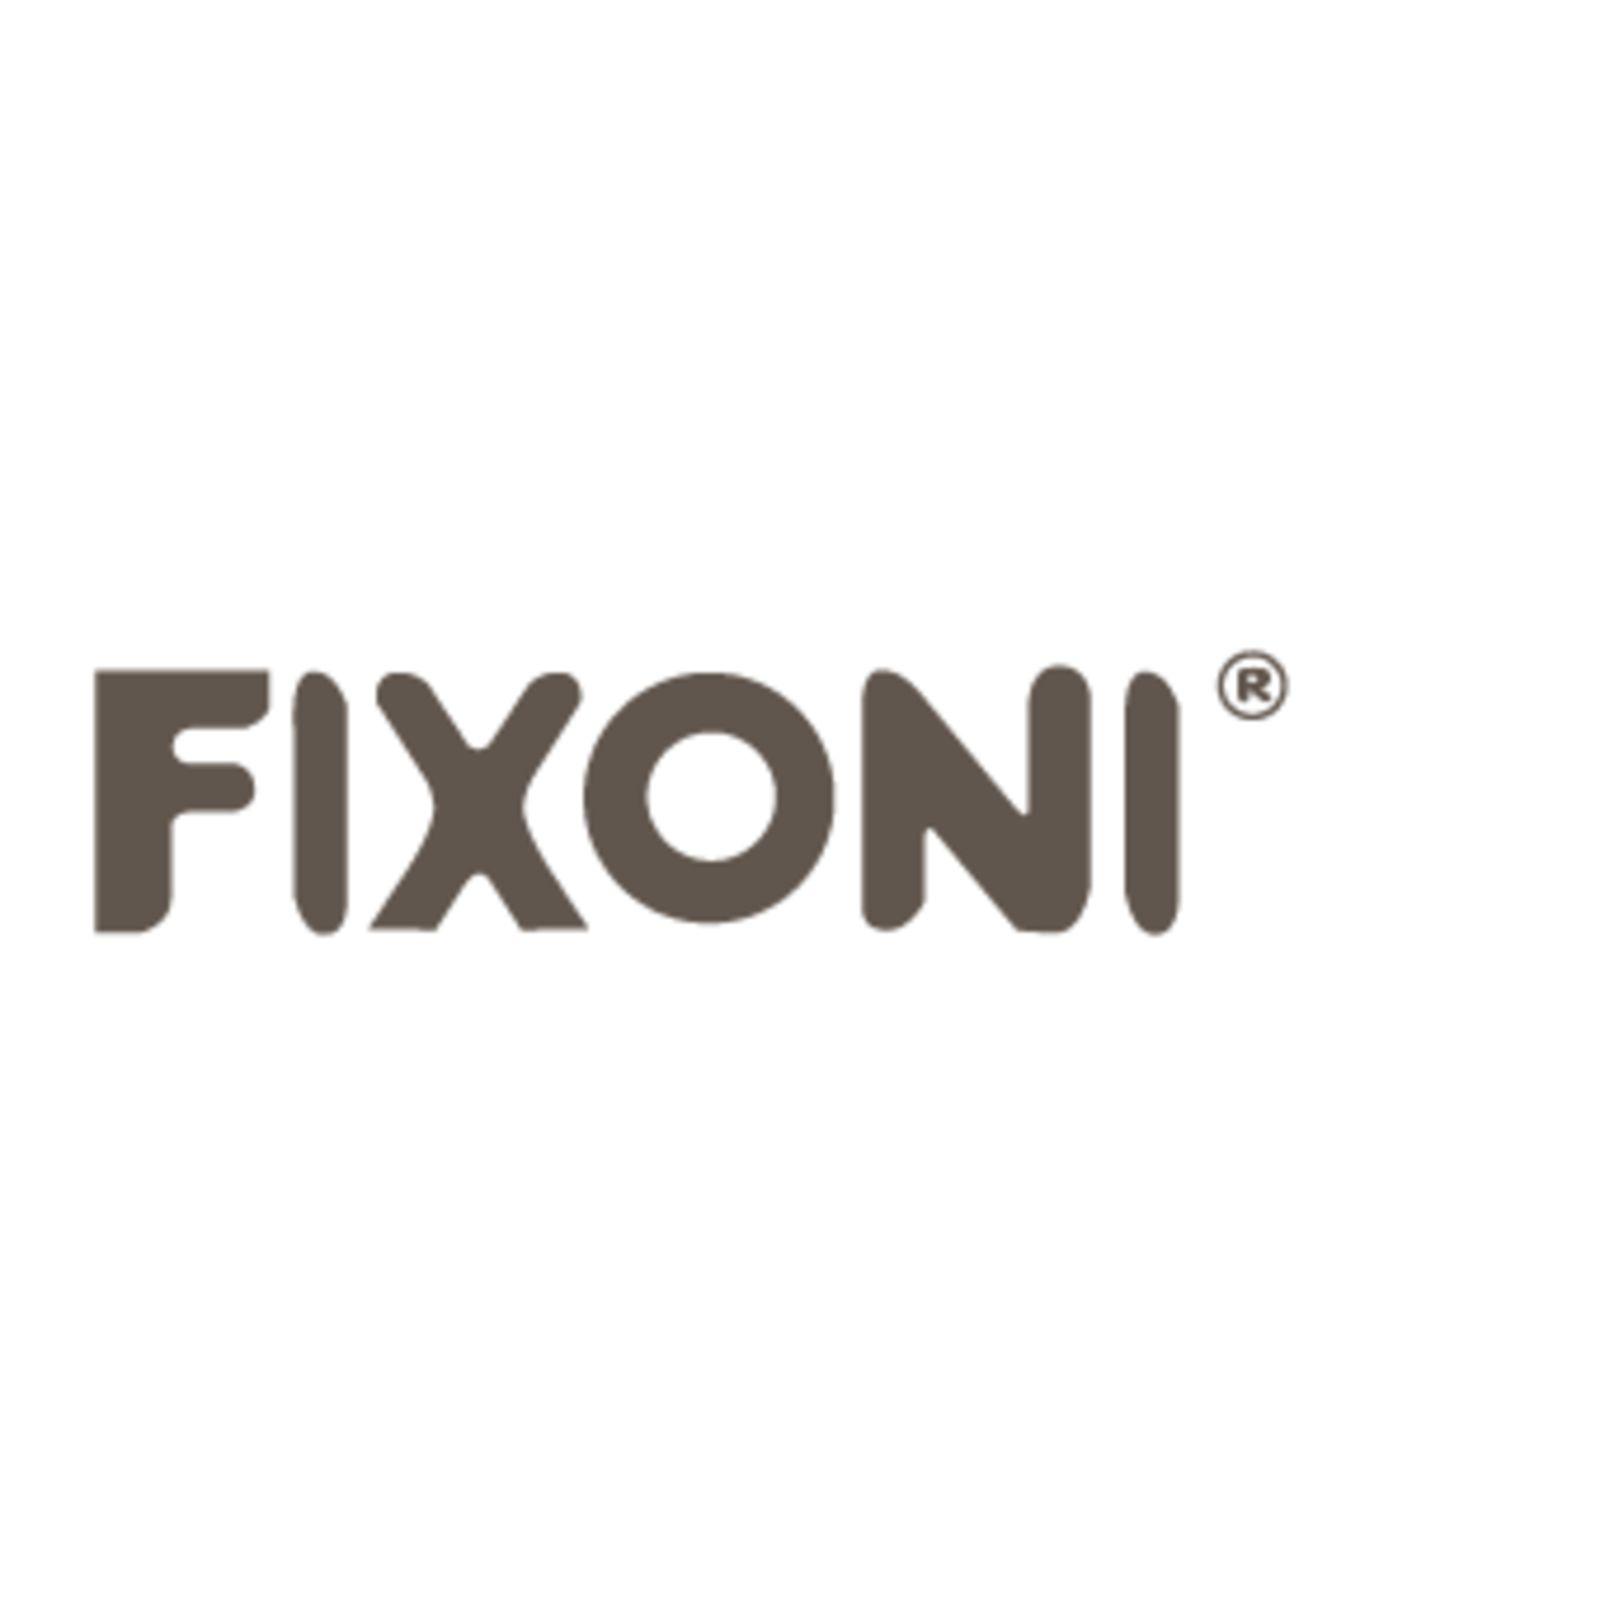 FIXONI